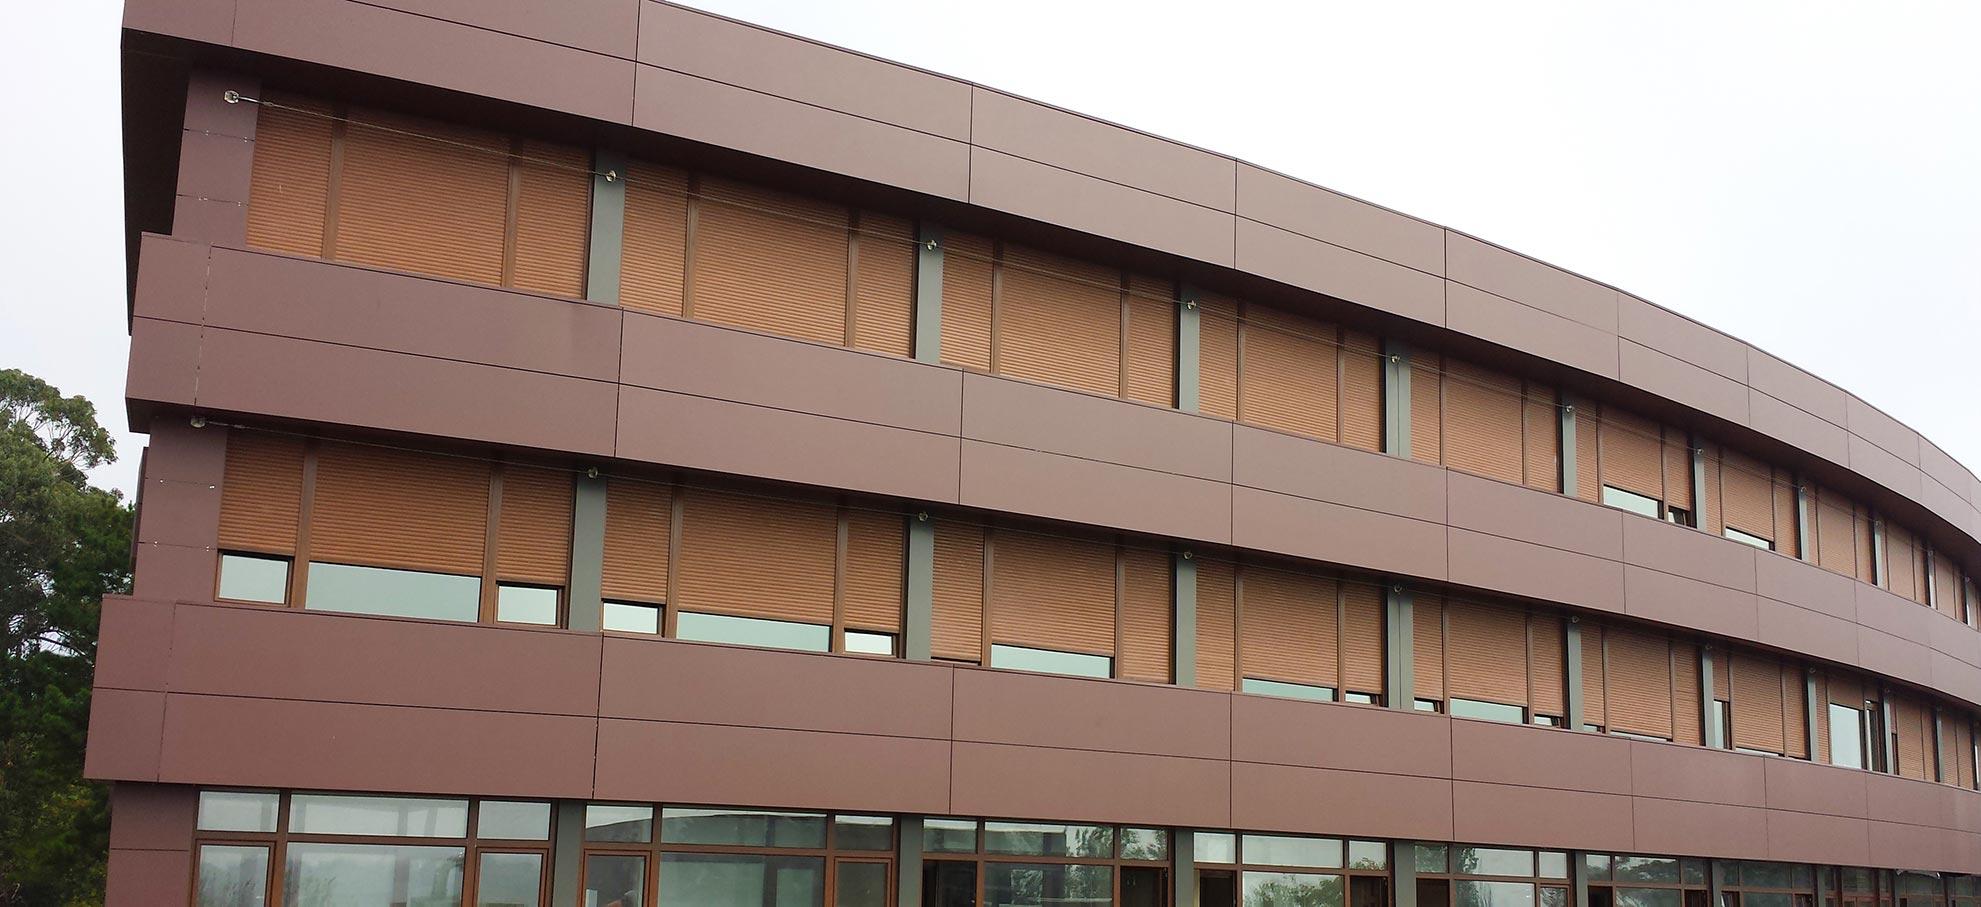 Hospital-Ramon-Negrete.-Santander.-FR-7022.-Oxide-1_02_1593091339.jpg